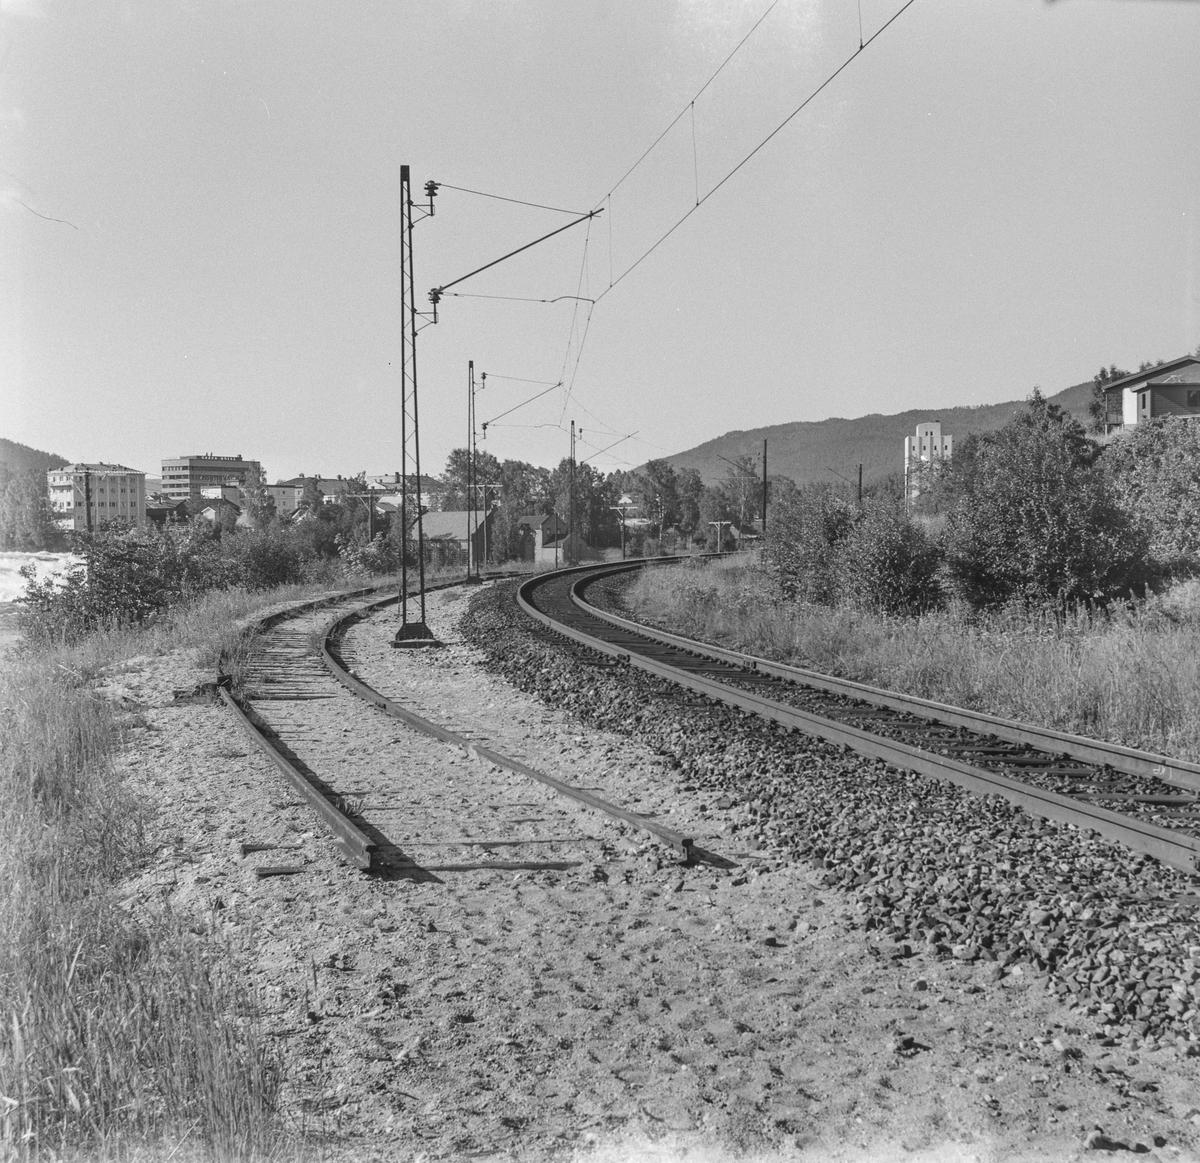 Ved Kongsberg gamle stasjon. Kongsberg fikk ny stasjon i 1917 i forbindelse med byggingen av Sørlandsbanen, og linjen ble lagt om, utenom den opprinnelige stasjonen.